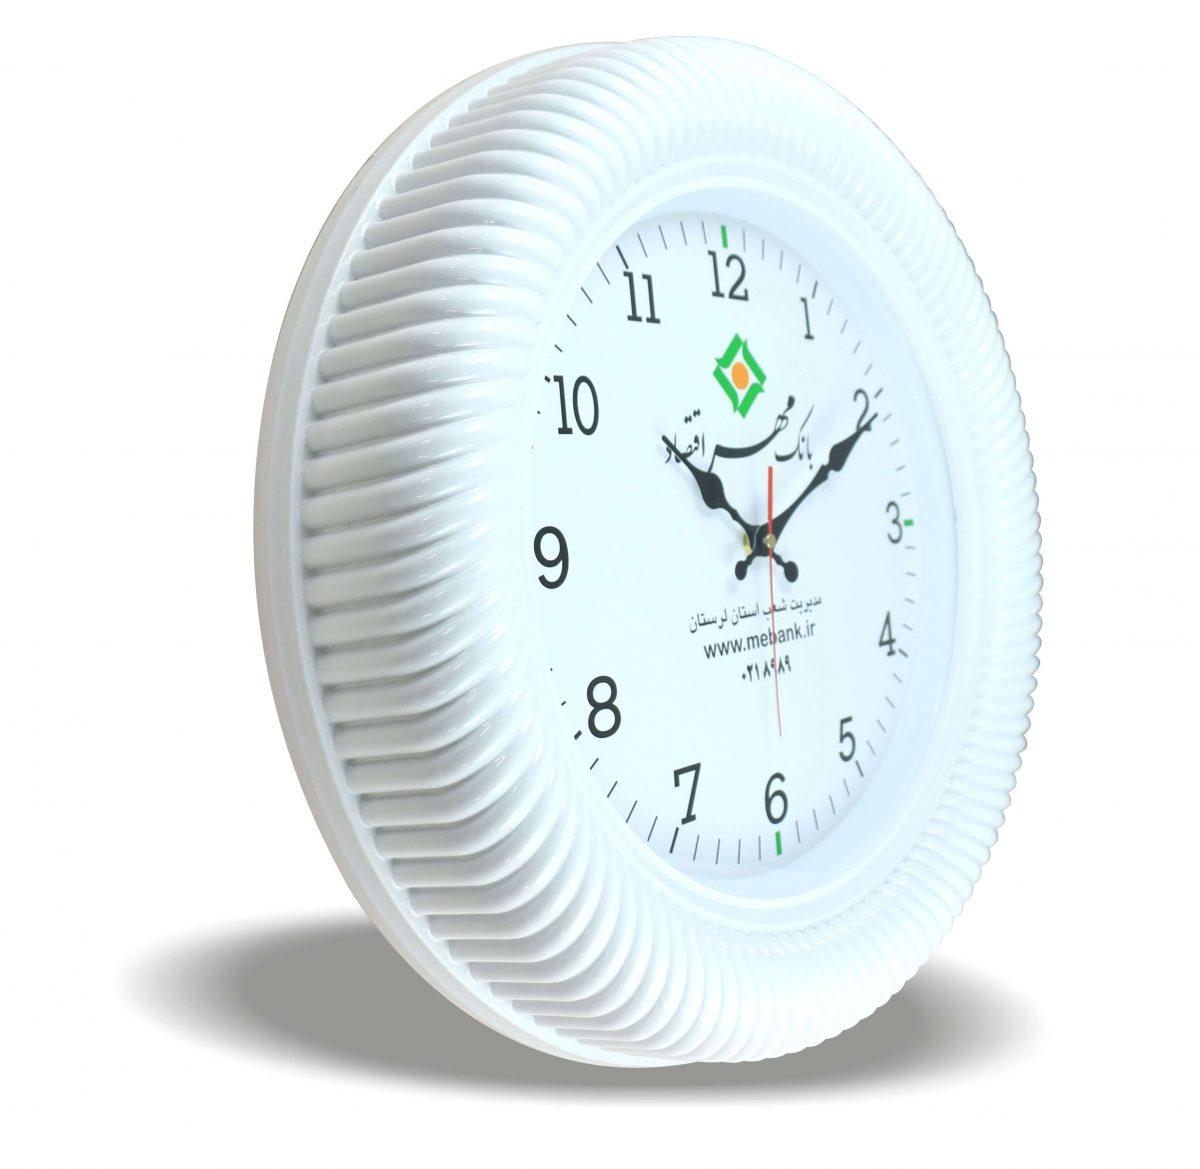 ساعت دیواری مدل ویسپر1 2